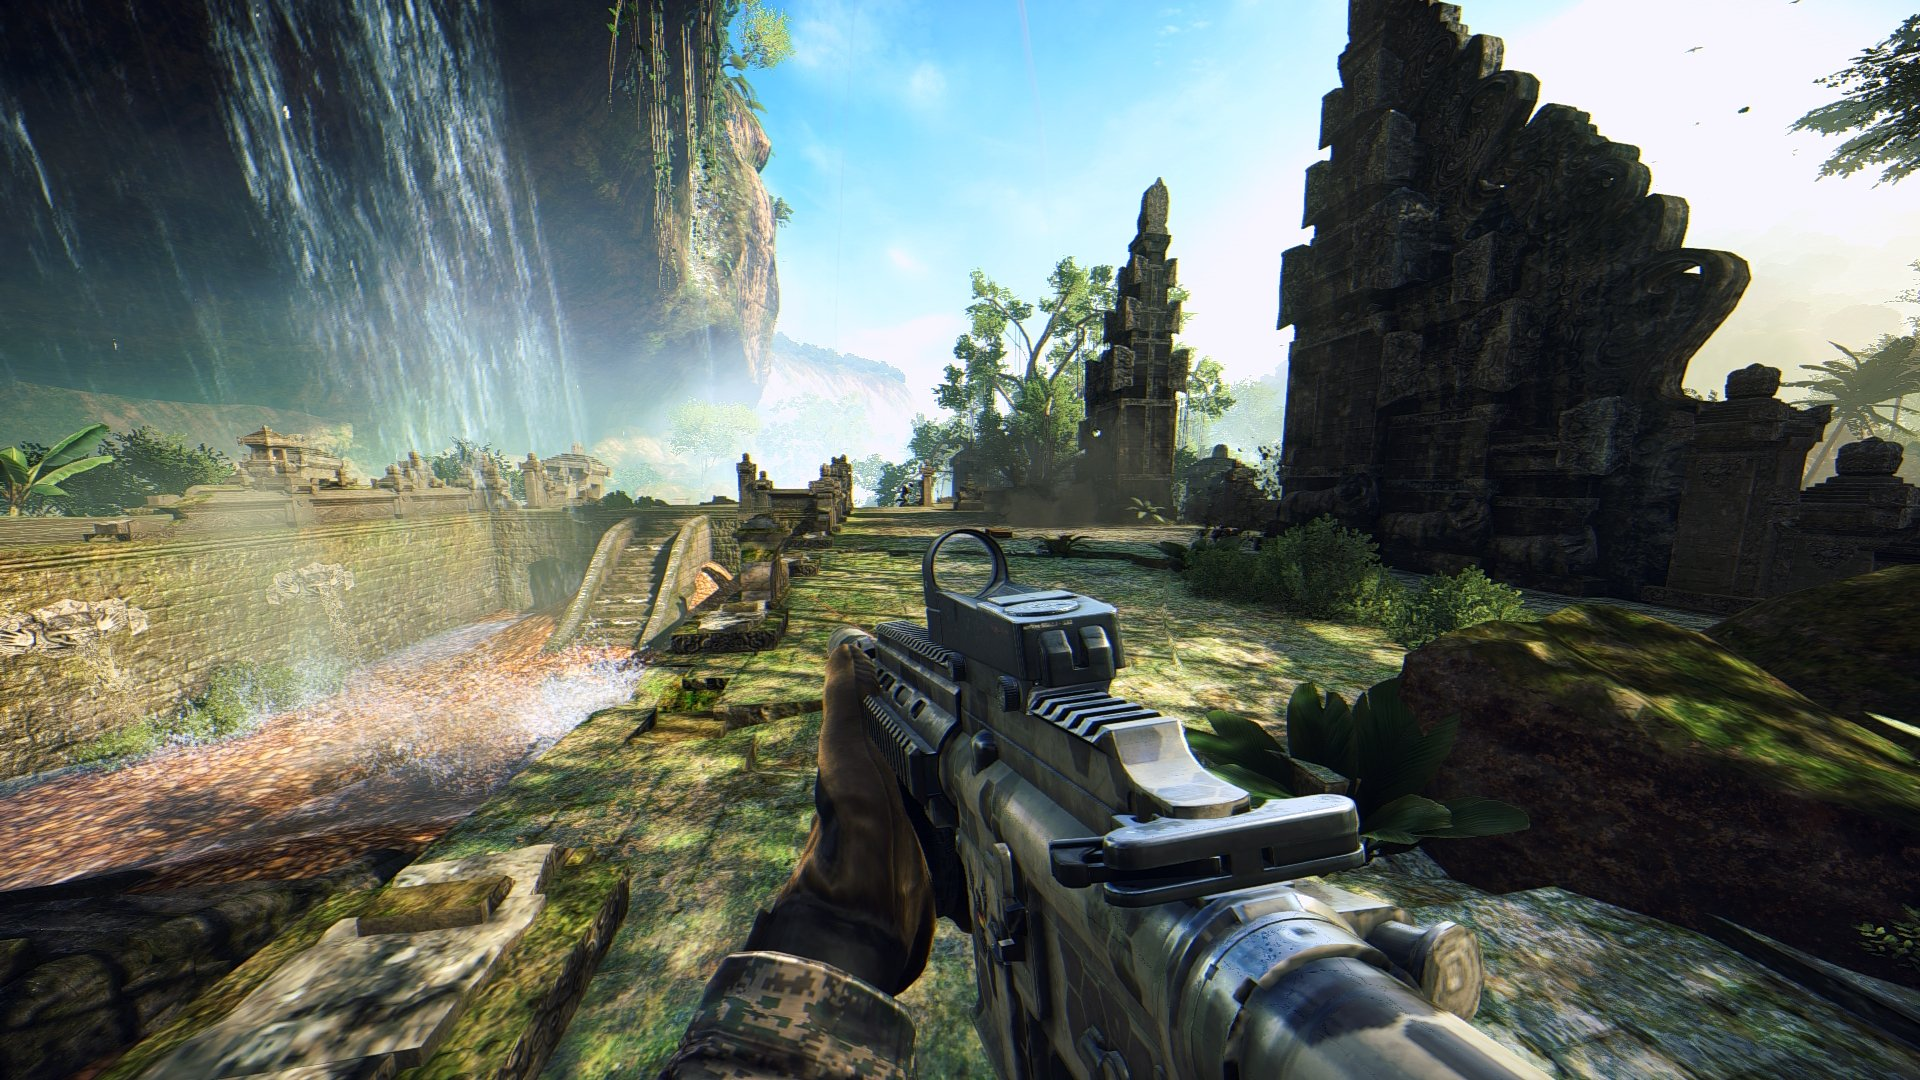 Карта сообщества Battlefield 4 - Изображение 8